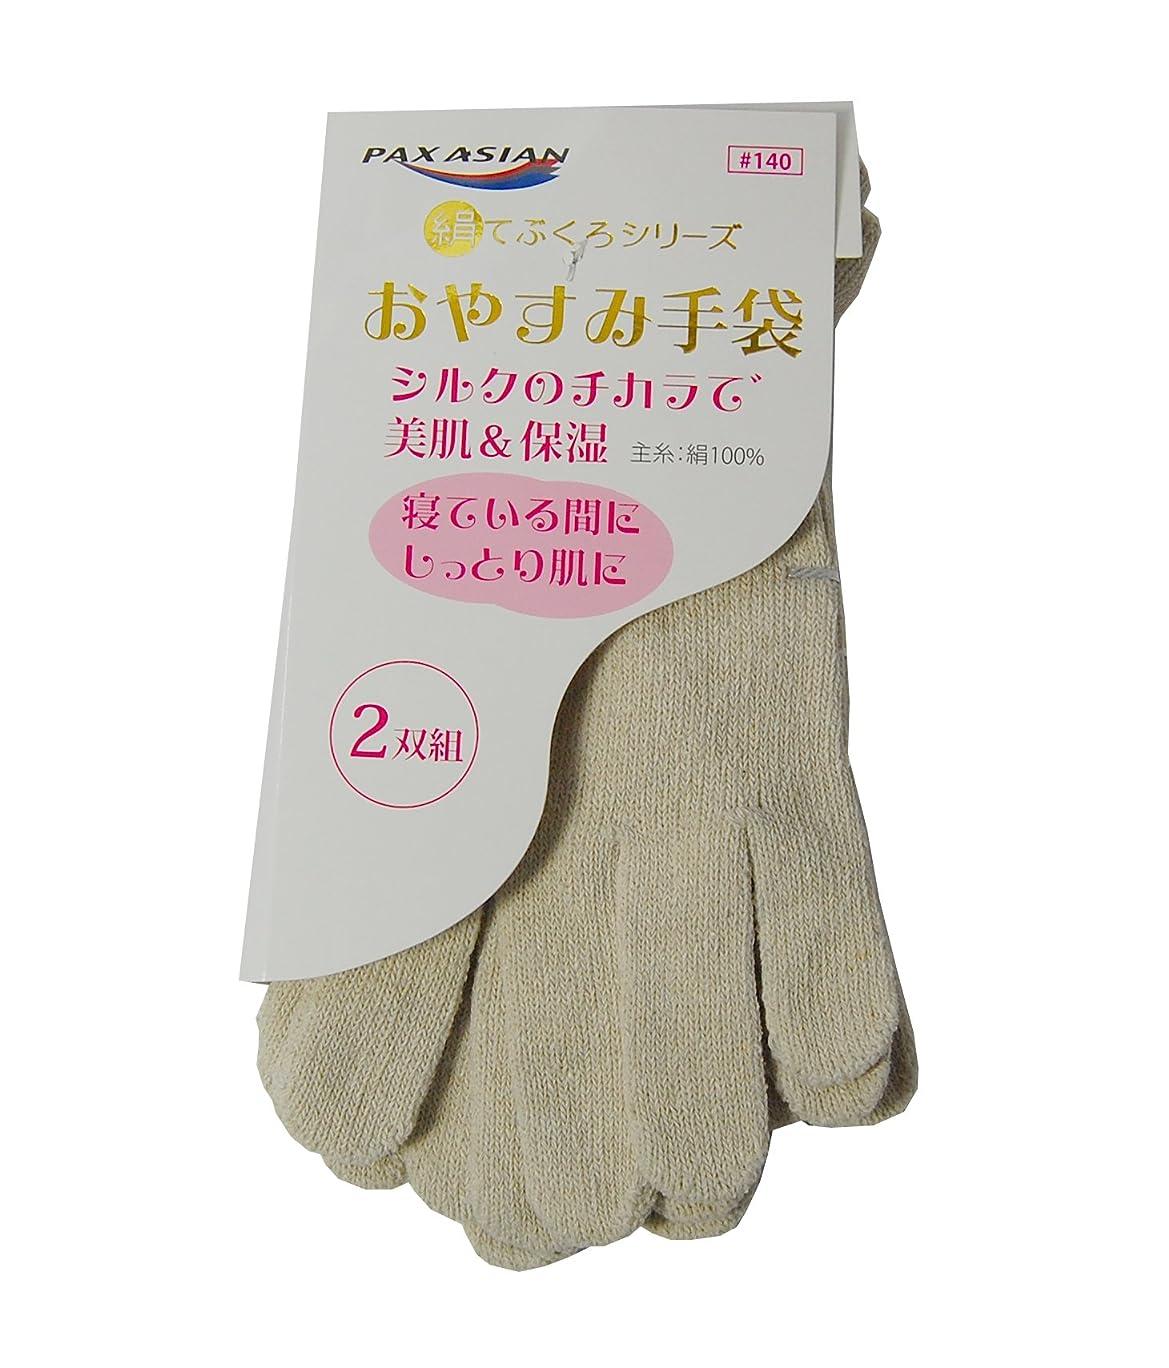 アノイ爆発行き当たりばったりPAX-ASIAN おやすみ シルク手袋 フレアータイプ 絹 100% ソフト 婦人用 2双組 #140